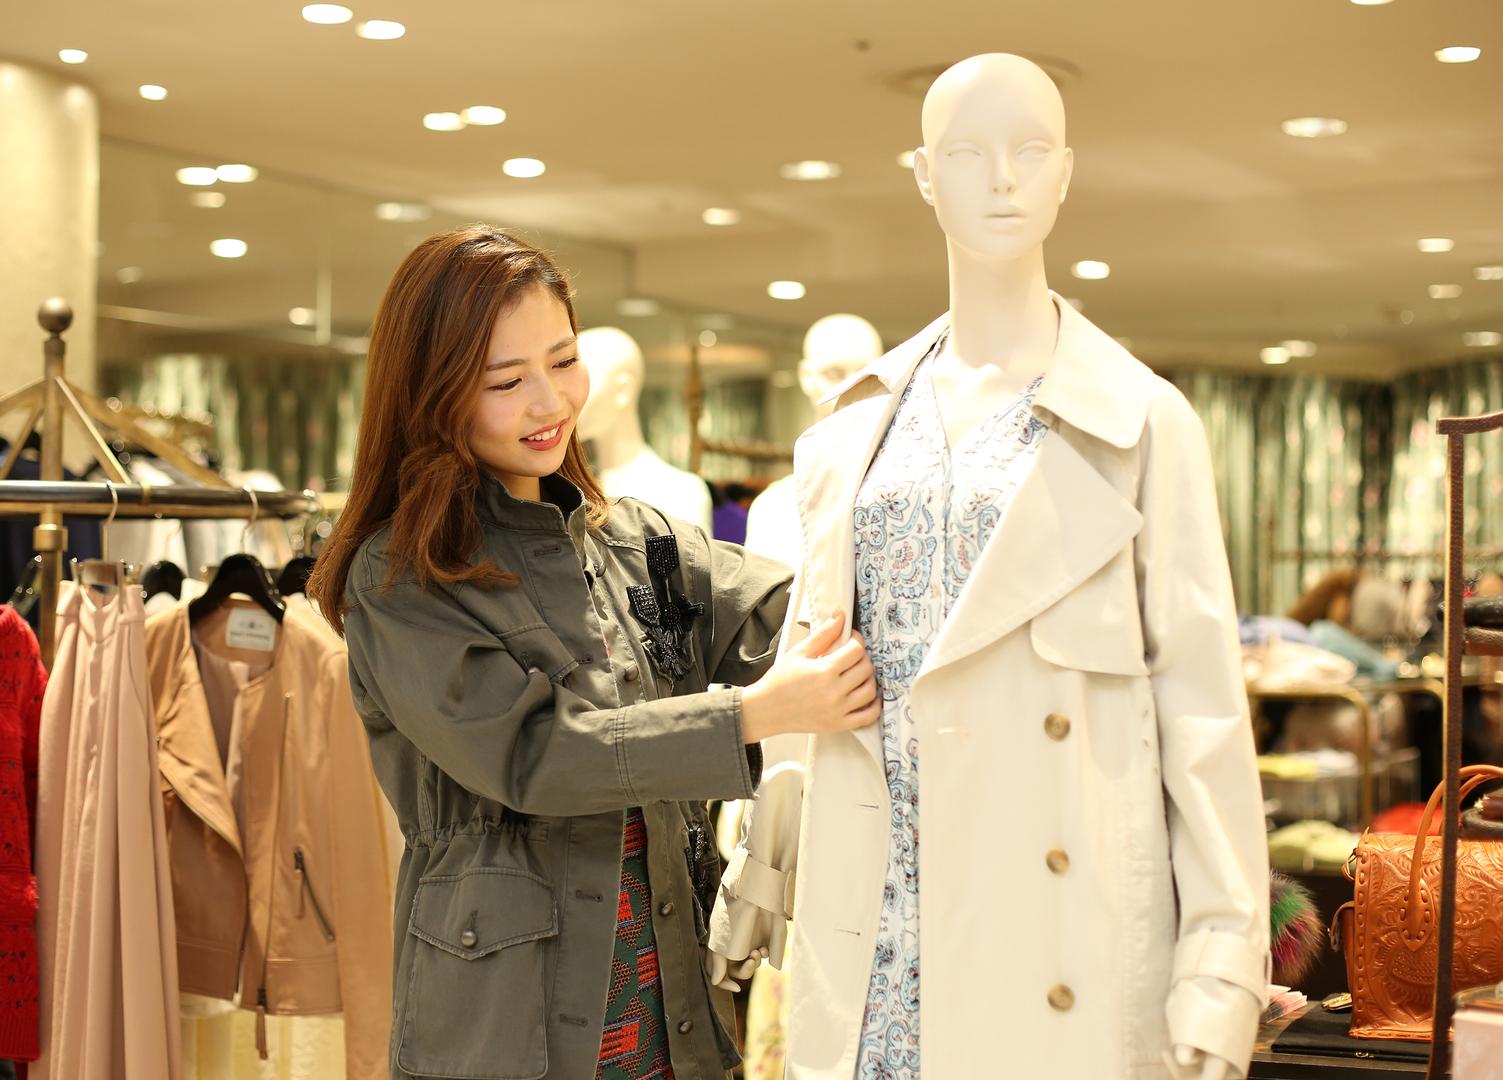 関西|ハイクオリティーブランドで販売職を募集します <未経験OK> のカバー写真